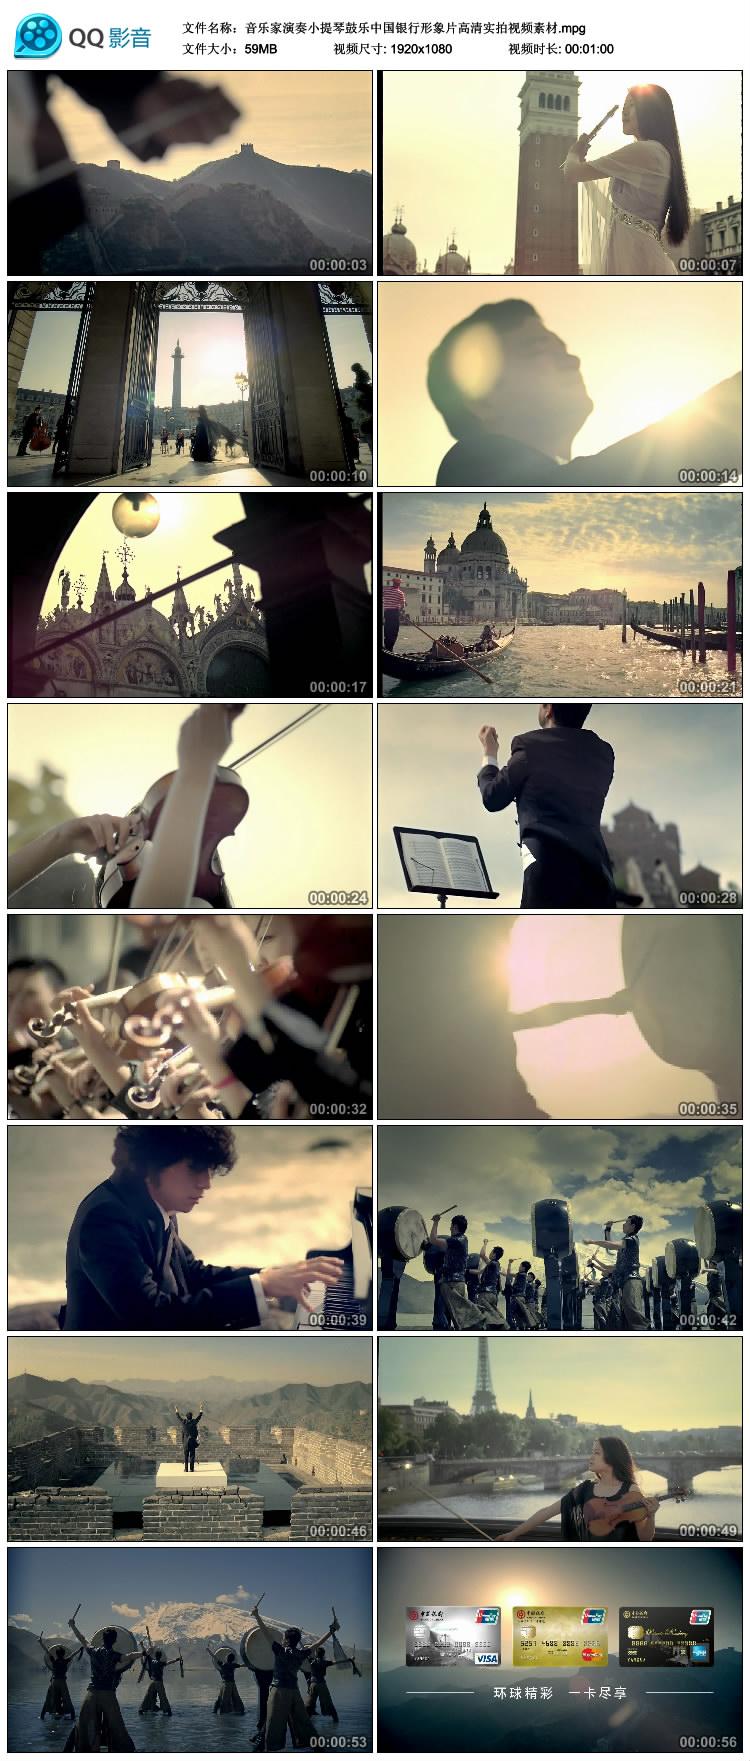 音乐家演奏小提琴鼓乐中国银行形象片高清实拍视频素材